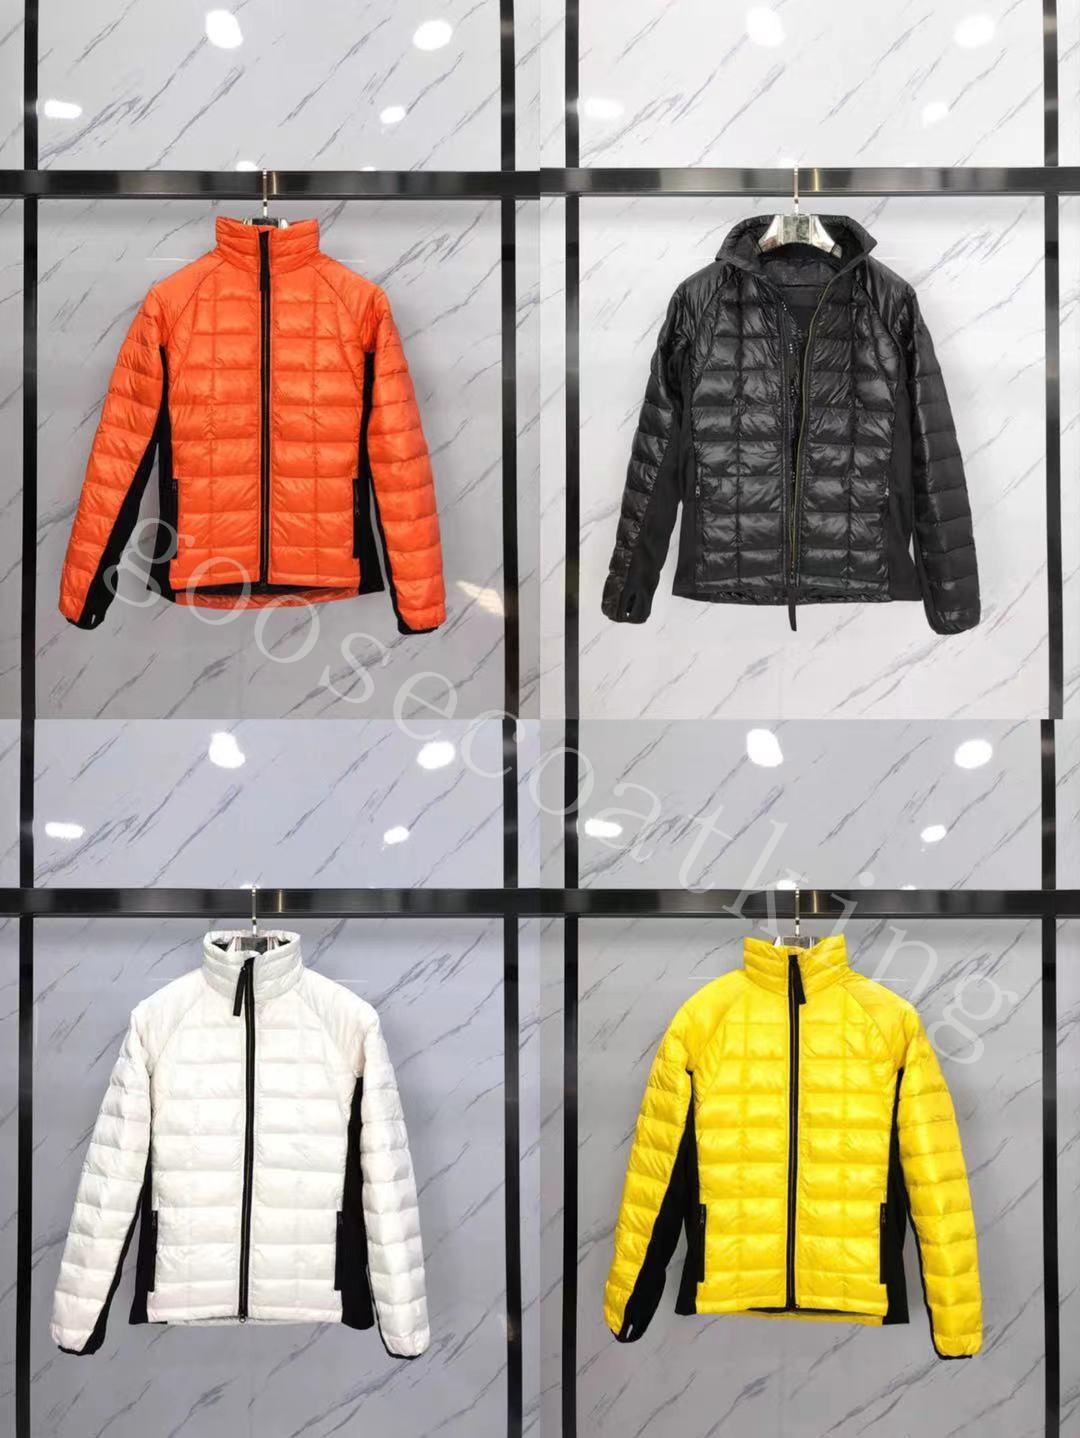 2021 Mens And Womens Down Piumino New Winter Unisex Canada Parka Cappotti per Tenere Calda Casual Parka Giacche di alta qualità Down Coat BB